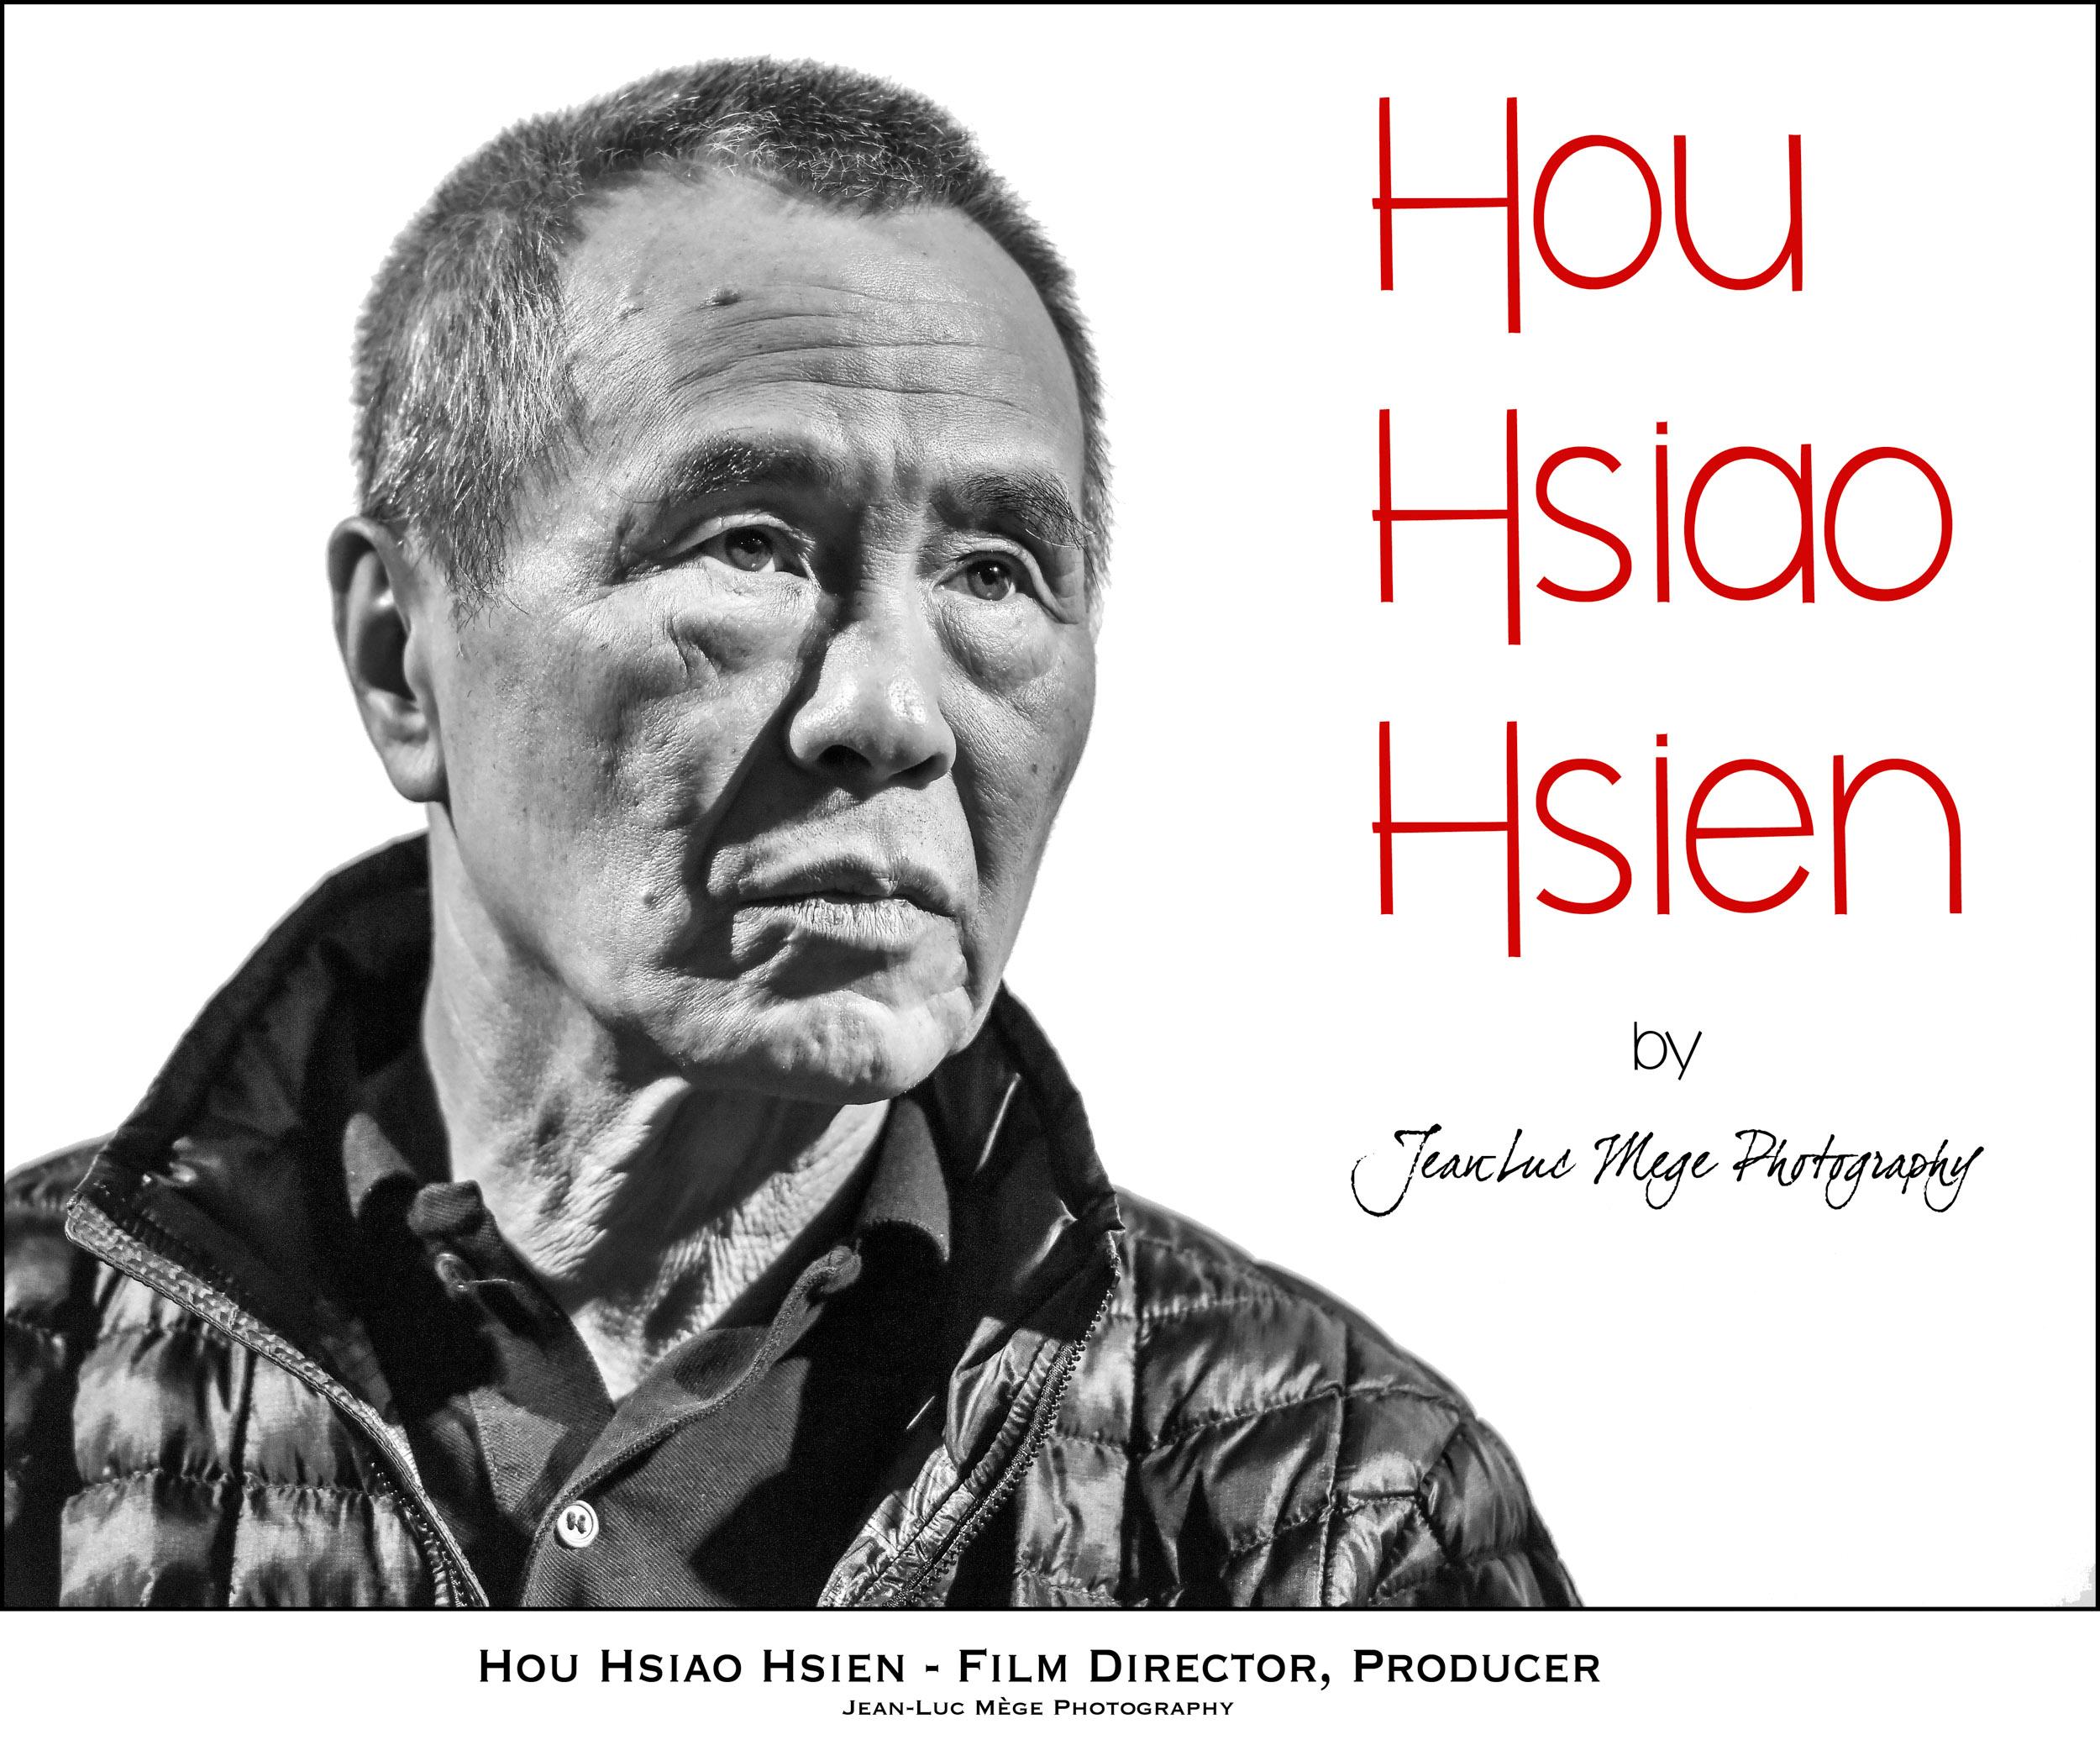 HOU HSIAO HSIEN 2©jeanlucmege-2441 - copie.jpg